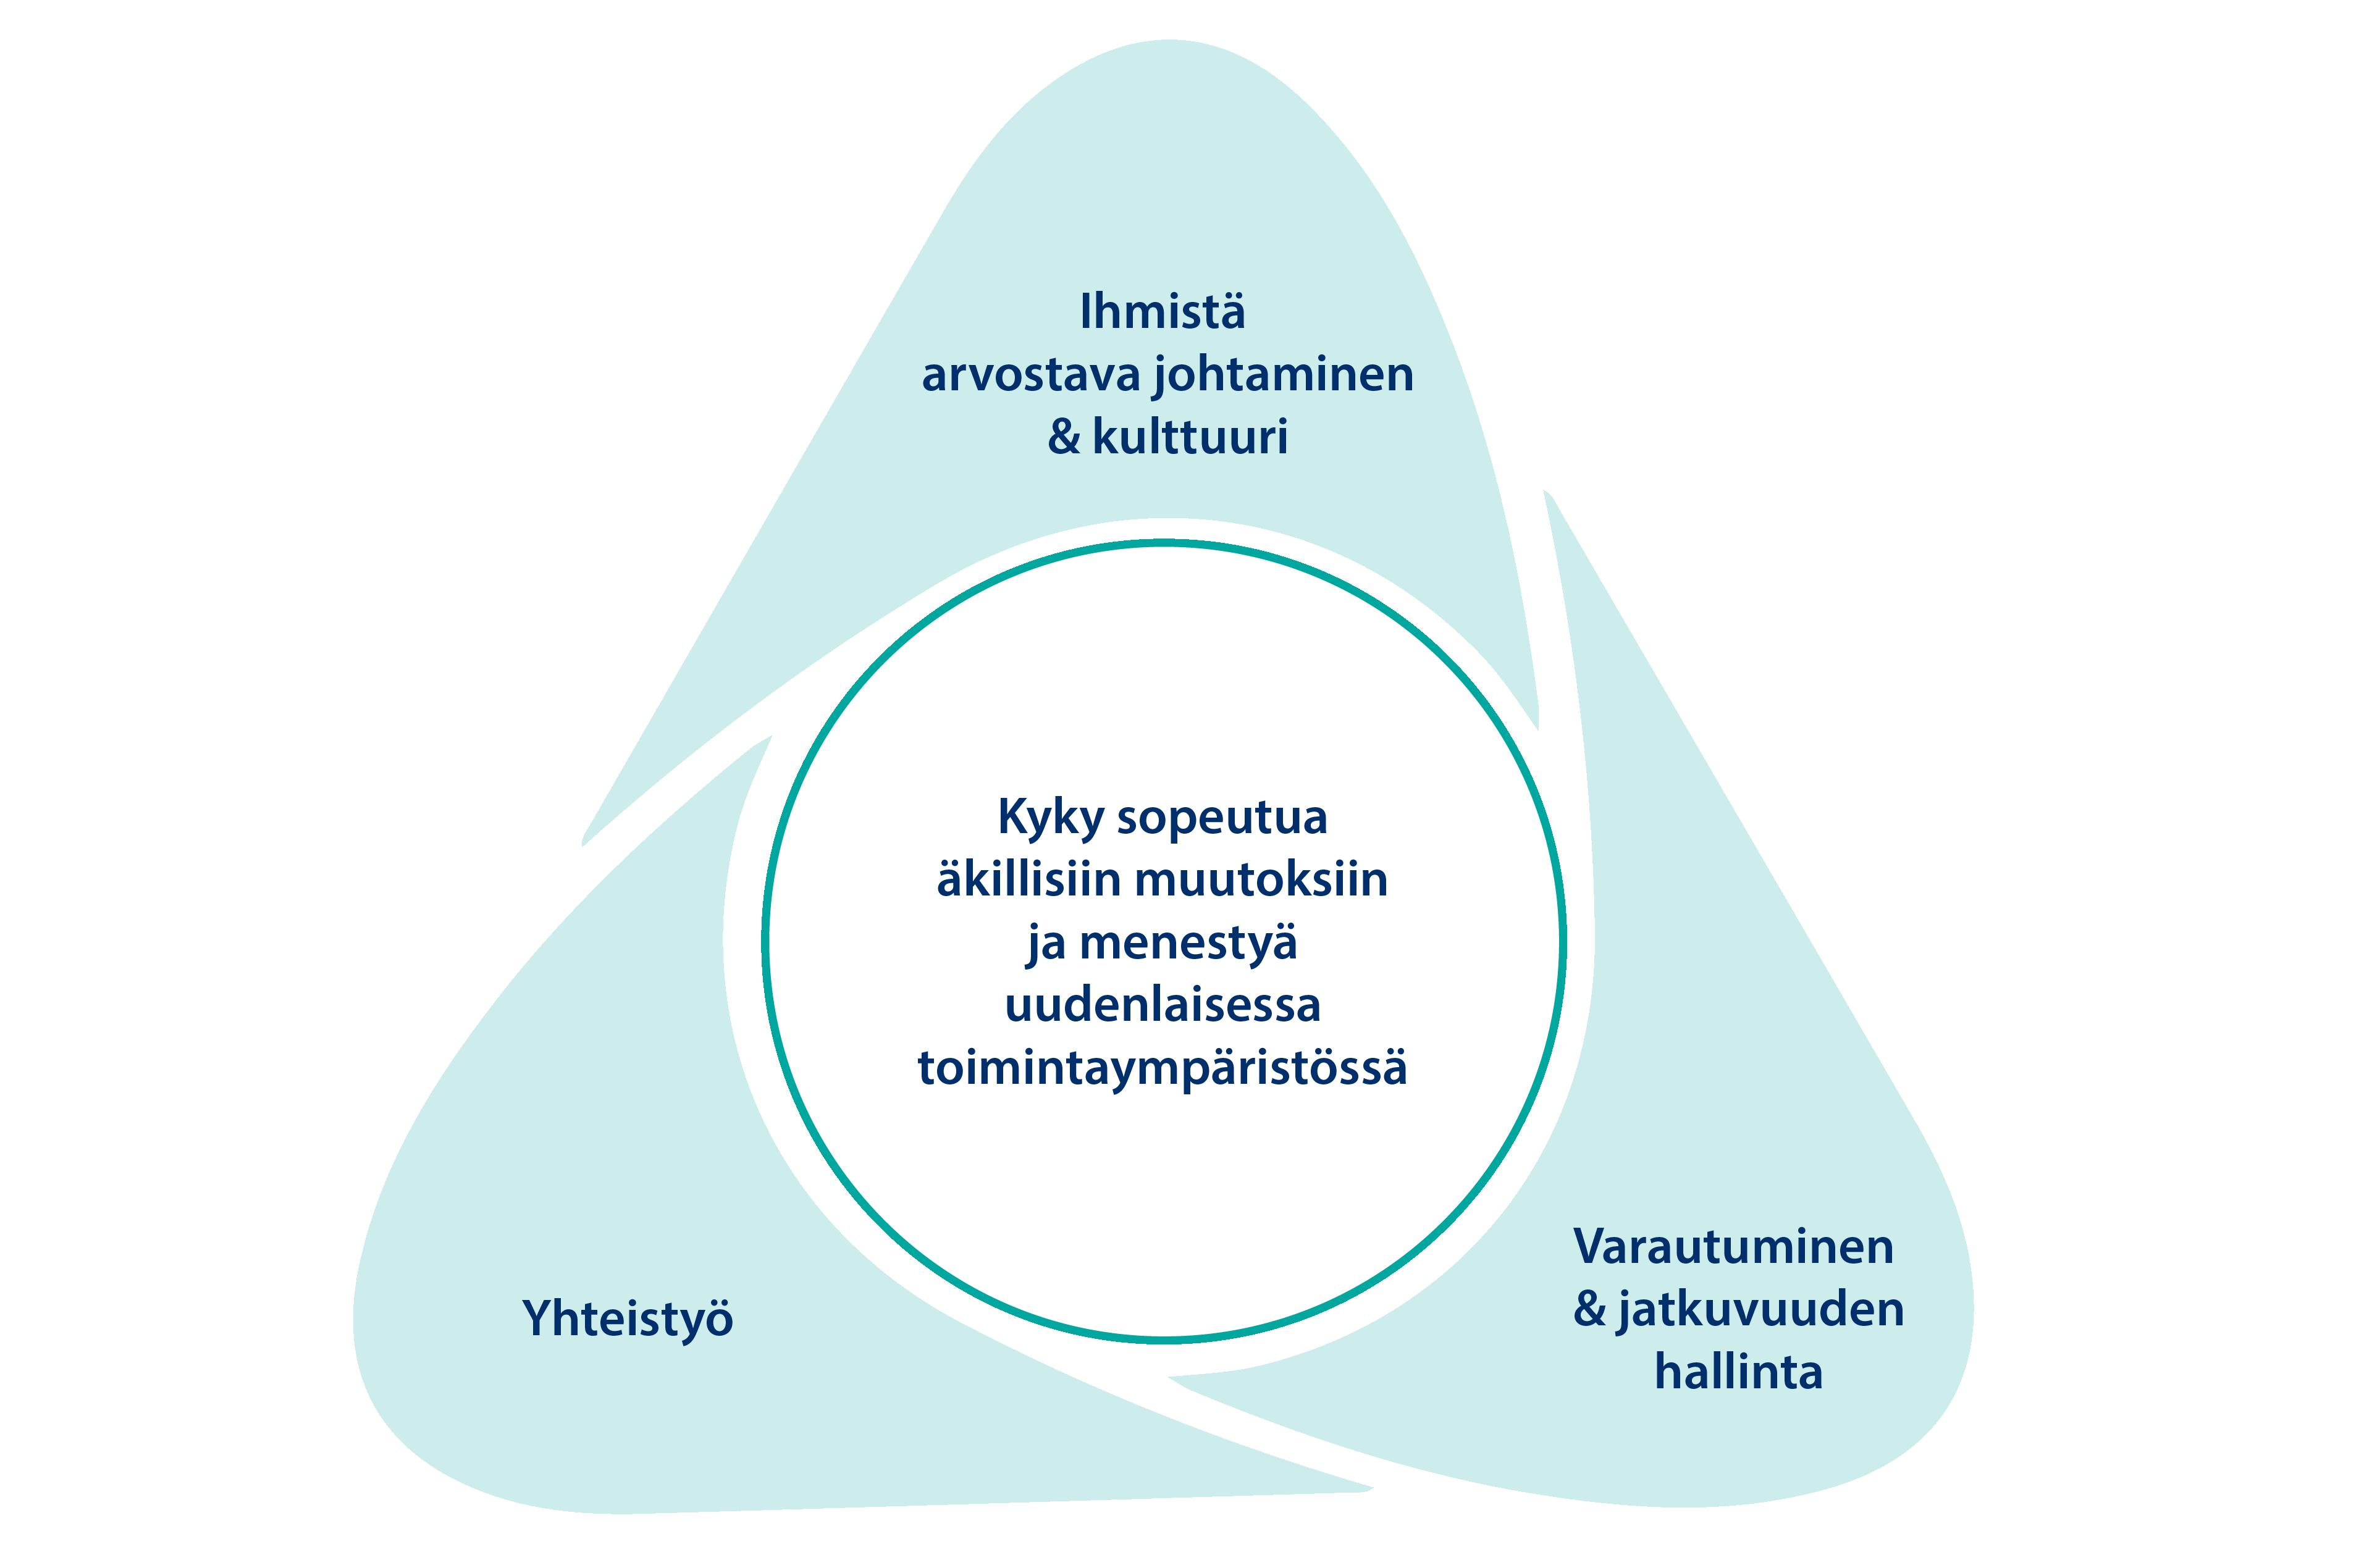 Kolmiokuva muutosvalmiudesta eli organisaatioresilienssistä. Organisaation resilienssin vahvistamiseen tarvitaan:  Ihmistä arvostavaa johtamista ja kulttuuria, Yhteistyötä sekä Varautumista ja jatkuvuudenhallintaa.